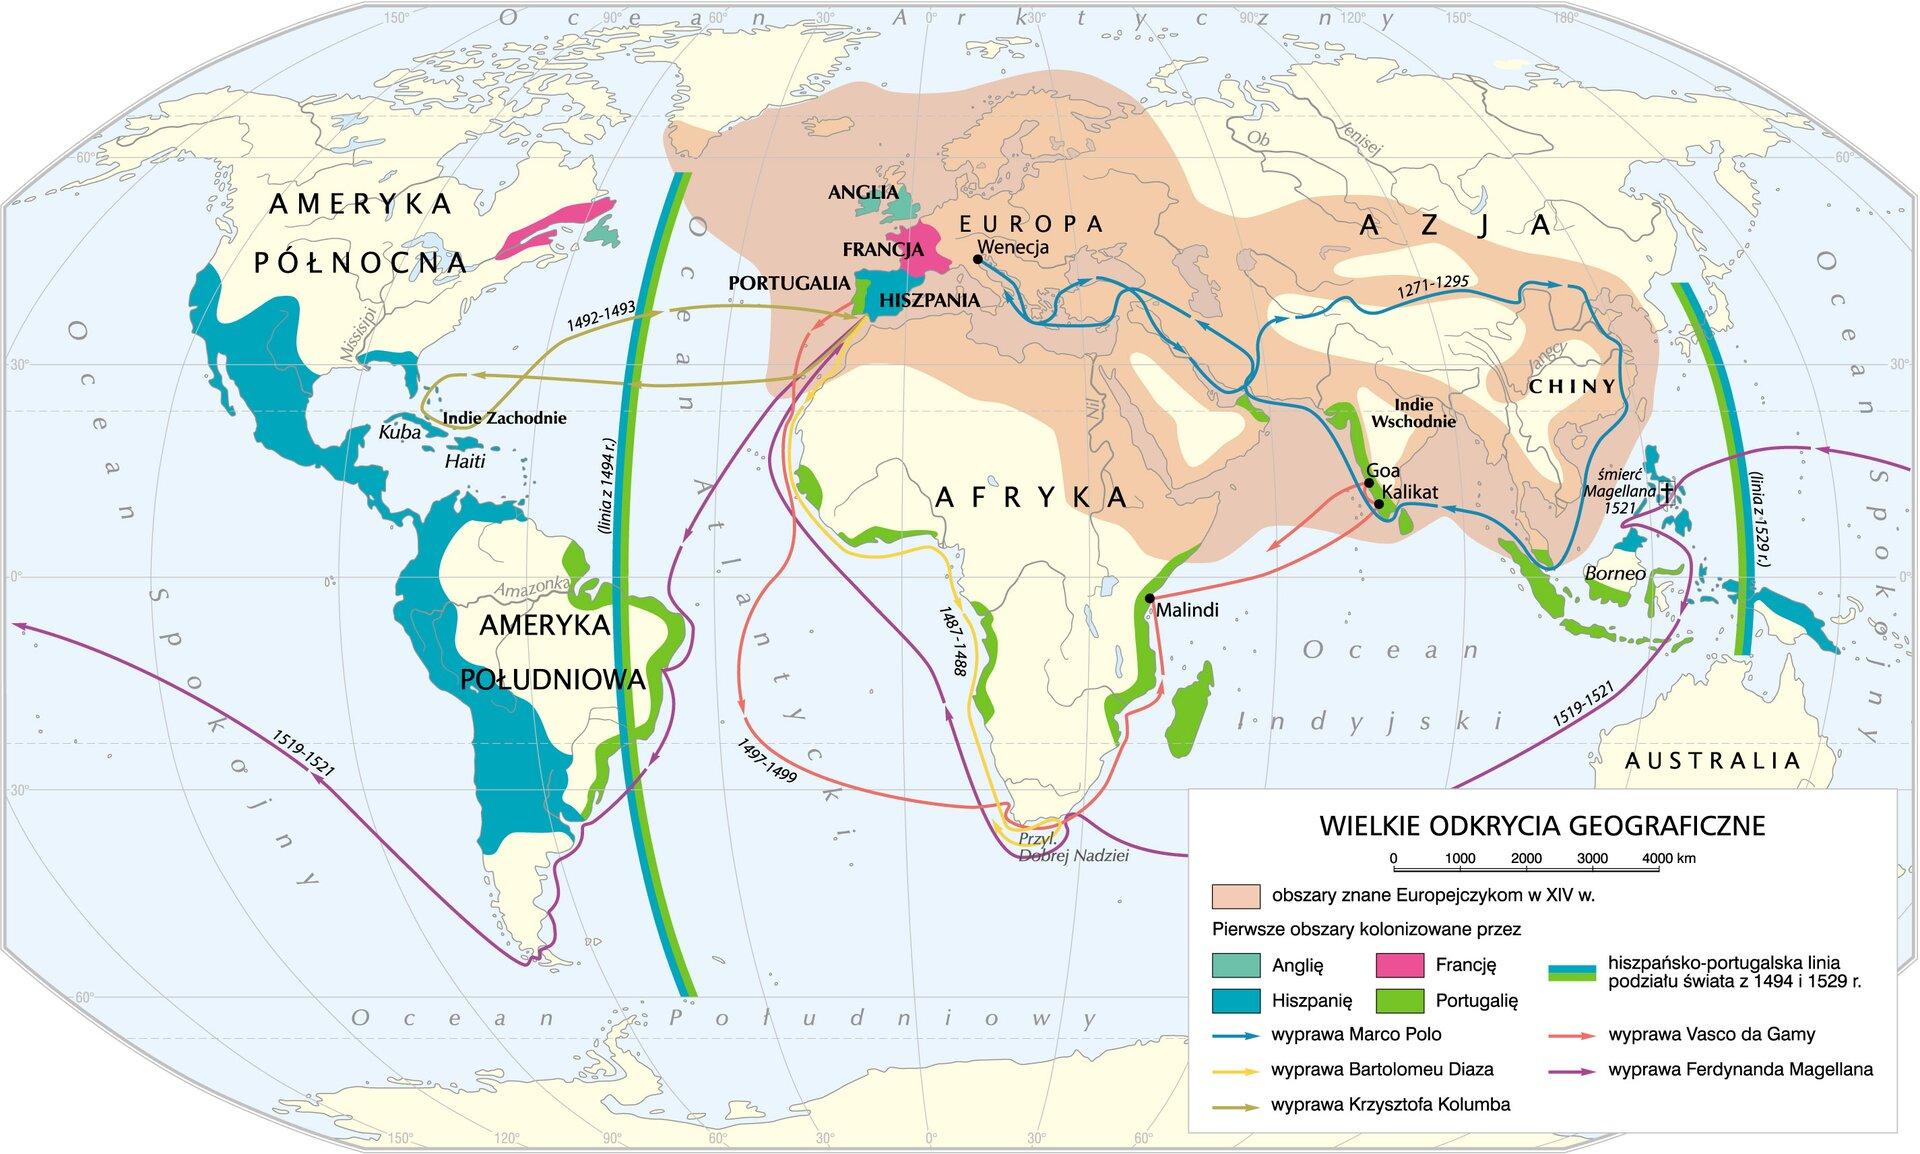 Wielkie odkrycia geograficzne Wielkie odkrycia geograficzne Źródło: Krystian Chariza izespół, licencja: CC BY 3.0.